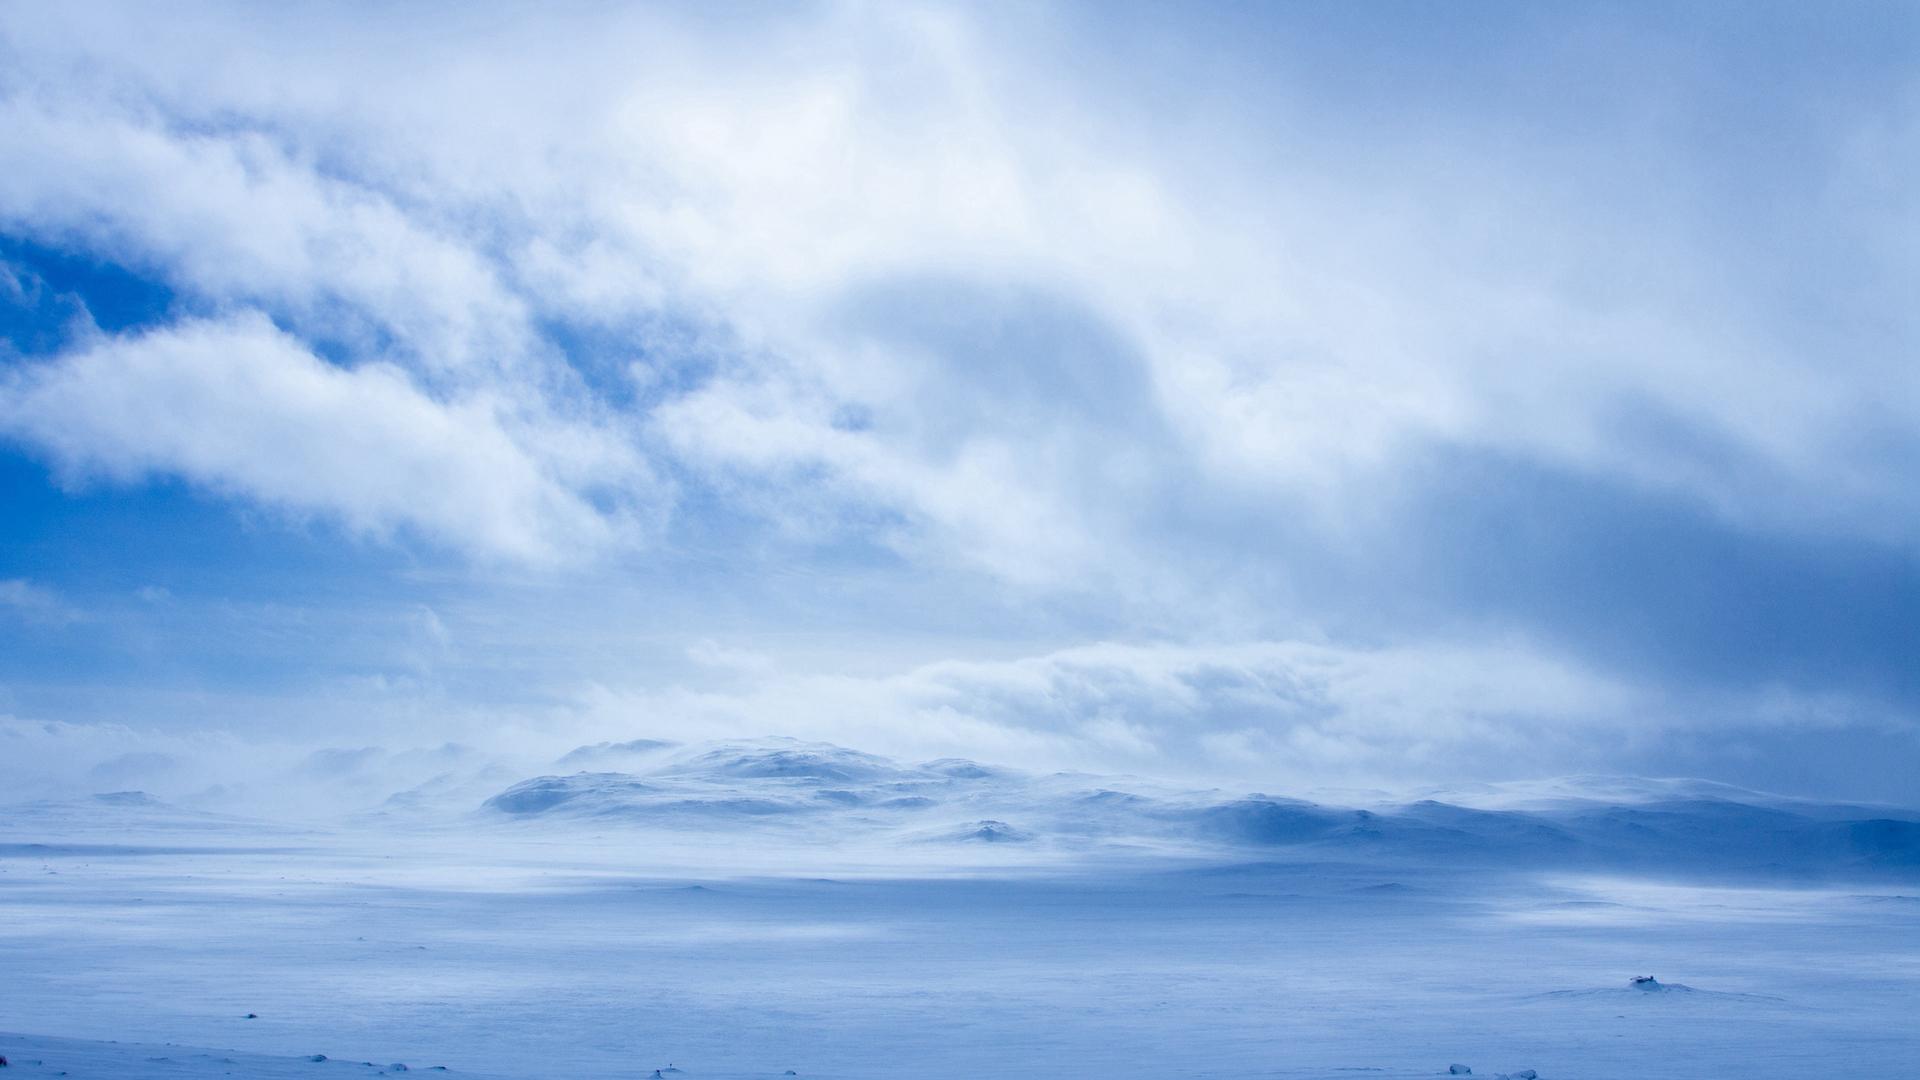 海边粉紫色天空浪漫唯美风景高清壁纸